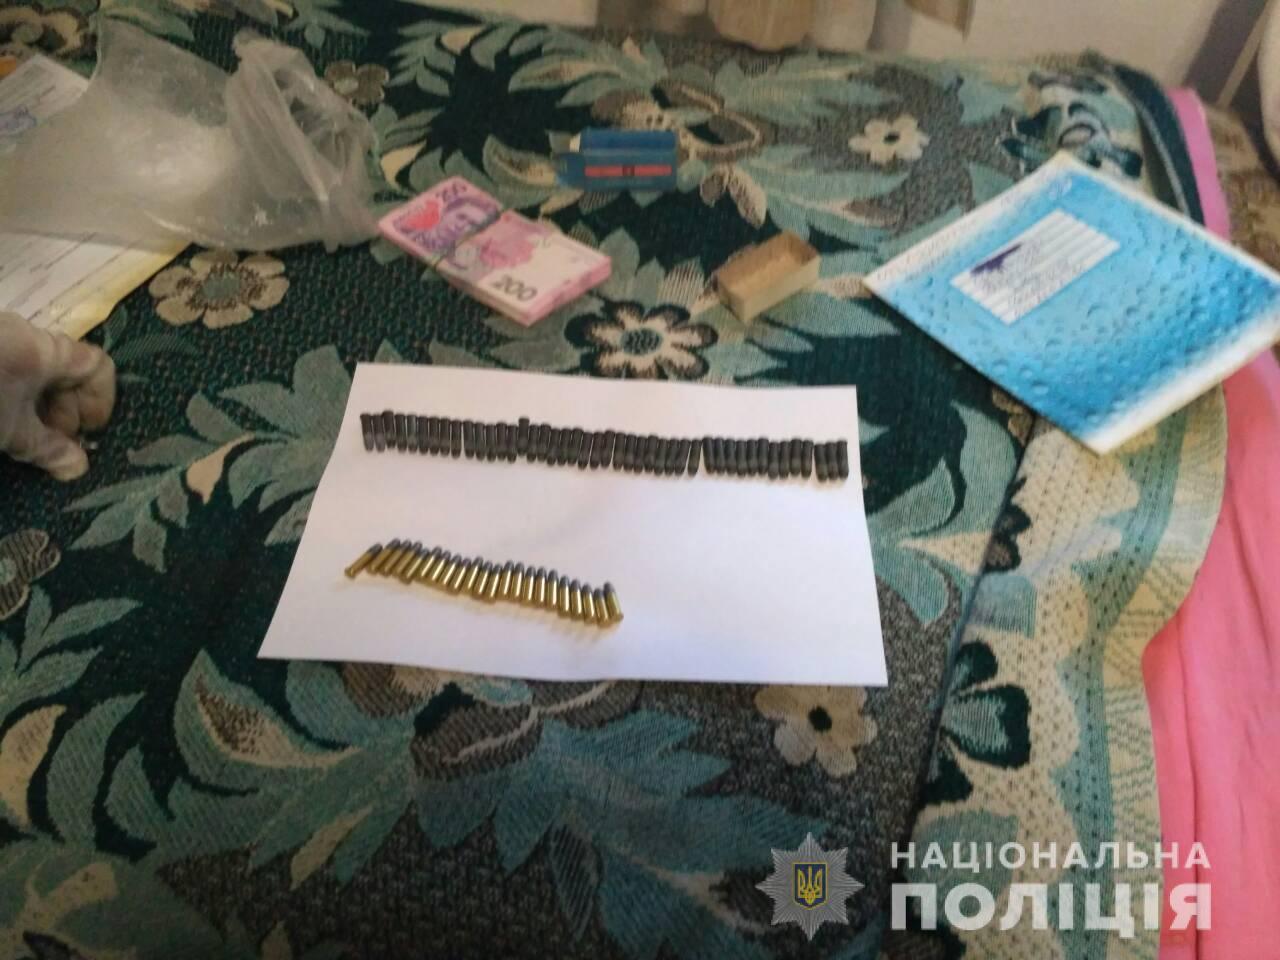 У жителя Запорожской области изъяли металлолом, спирт и боеприпасы - ФОТО